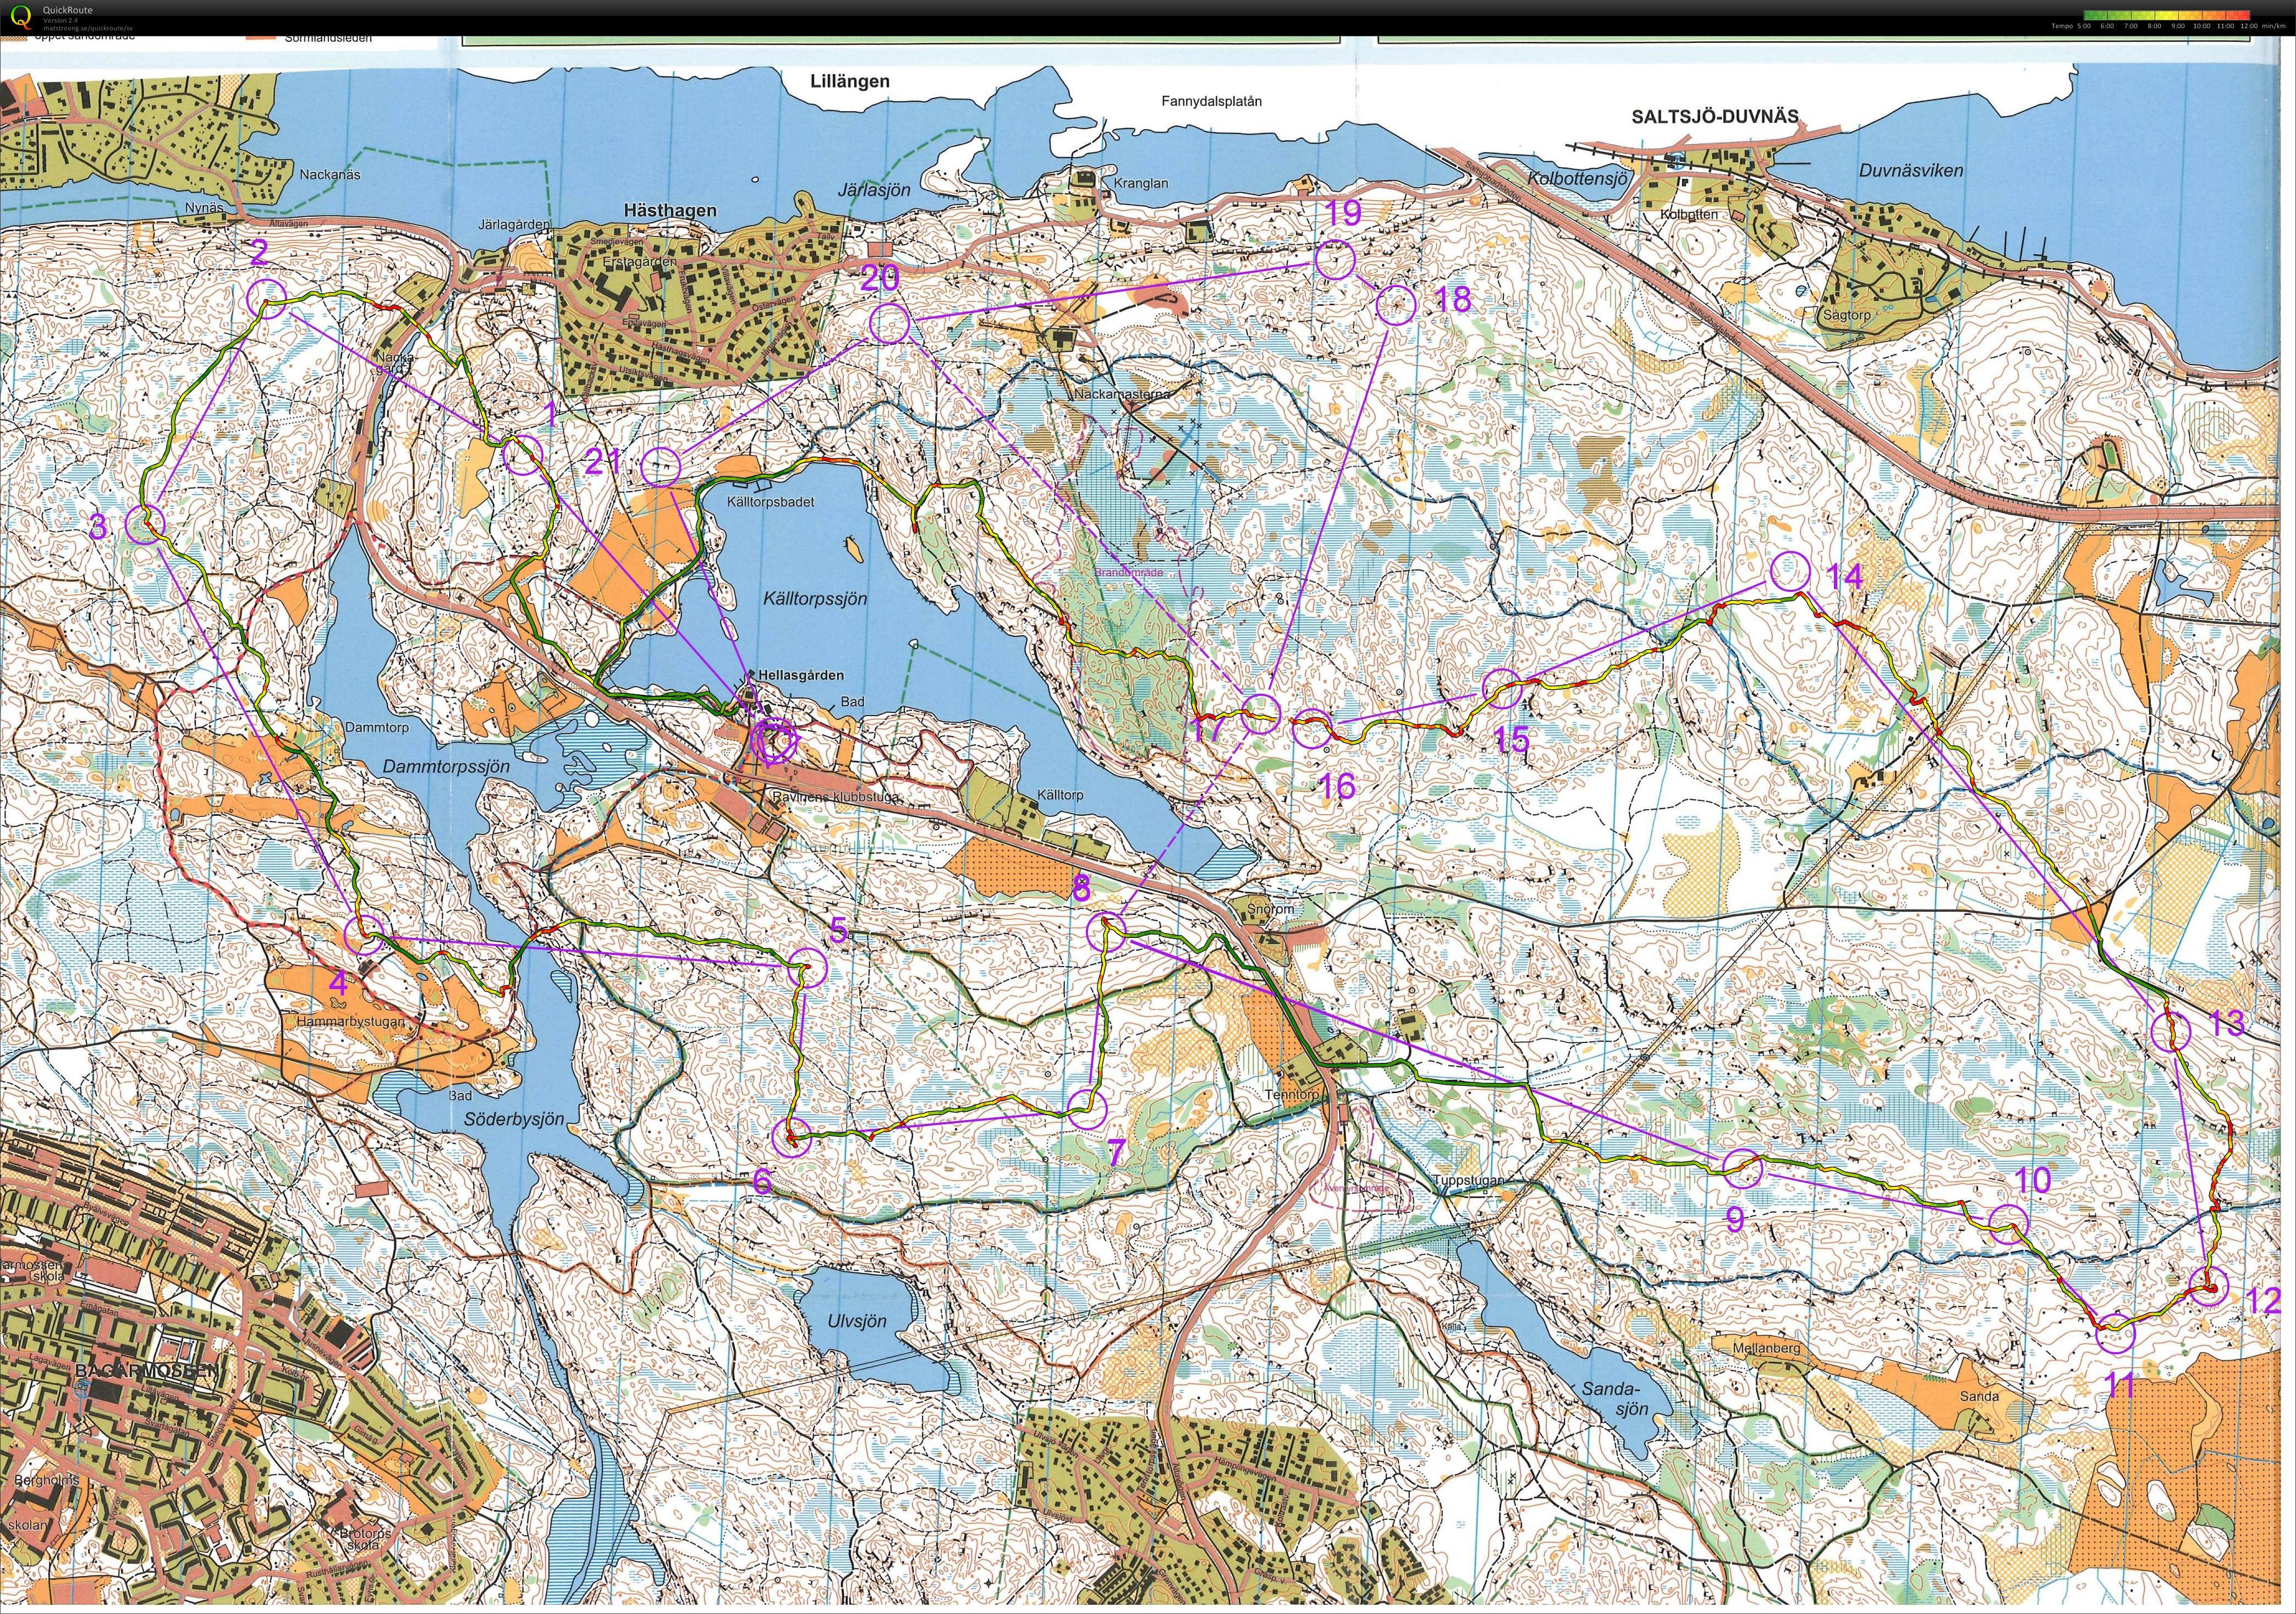 hellasgården karta Mitt digitala kartarkiv :: Långpass Hellasgården (2015 10 27) hellasgården karta